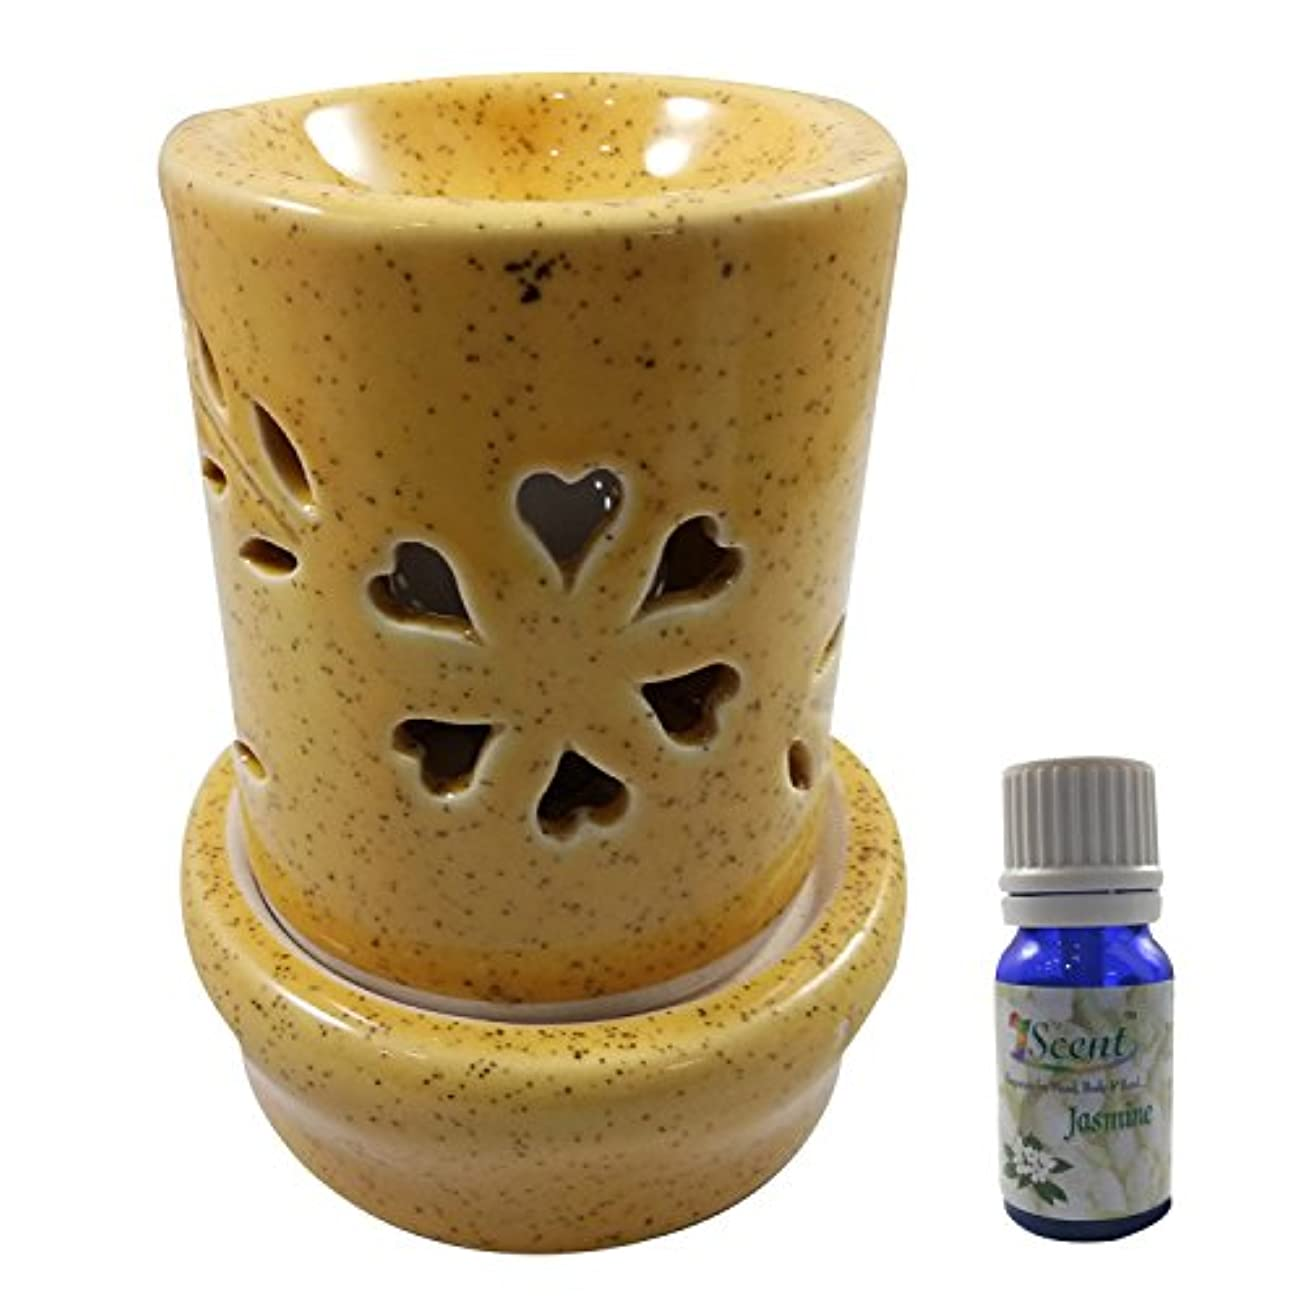 ボア魅力つま先家庭装飾定期的に使用する汚染されていない手作りセラミックエスニック電気アロマディフューザーオイルバーナージャスミンフレグランスオイル|良質ブラウン色電気アロマテラピー香油暖かい数量1